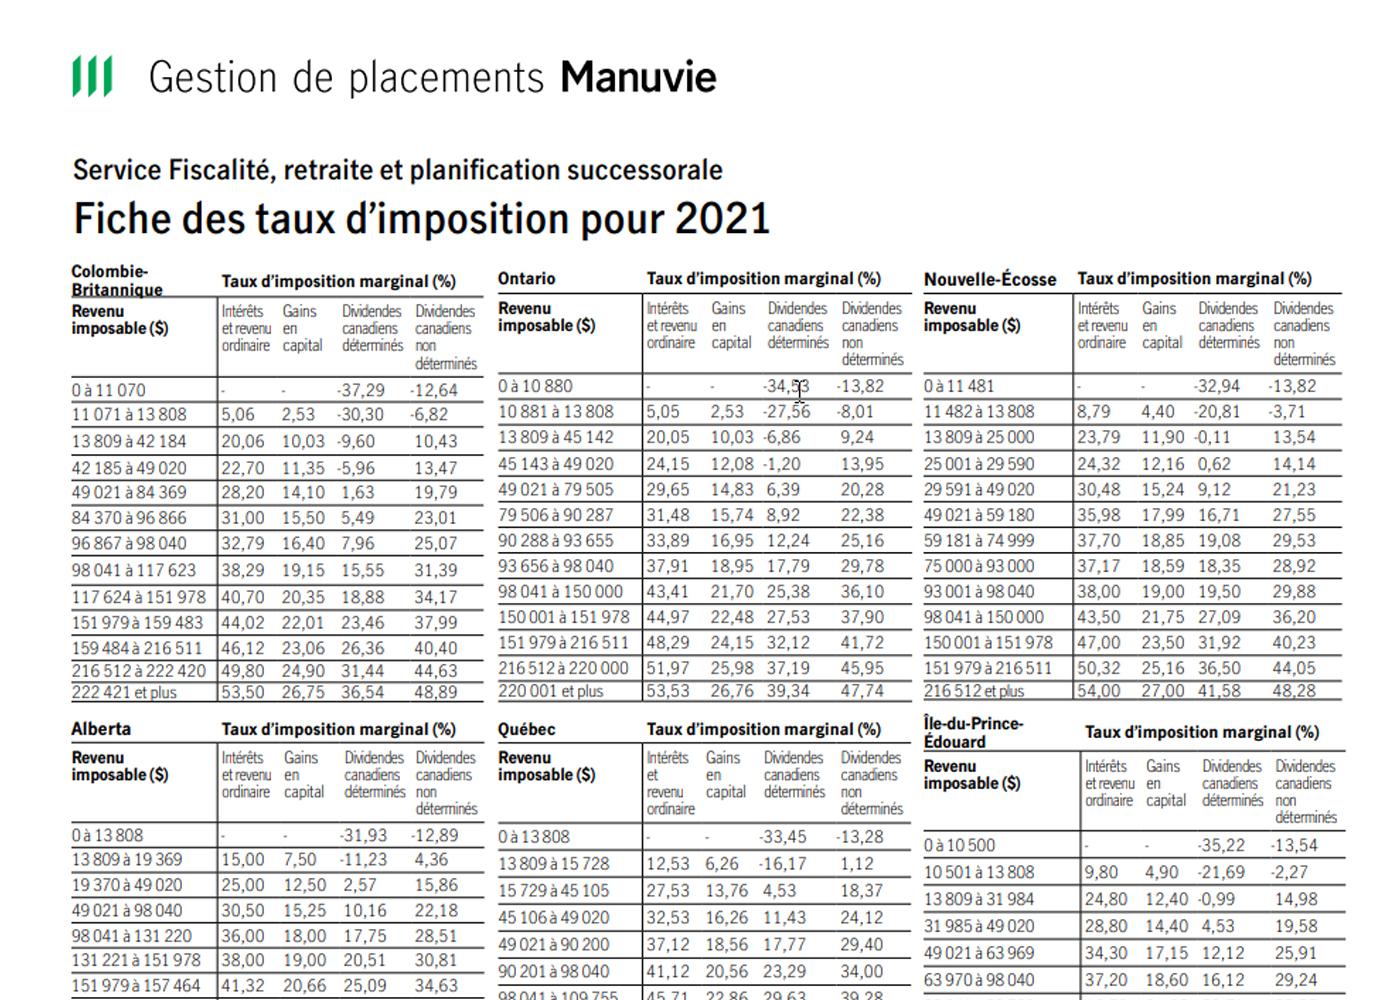 Fiche des taux d'imposition pour 2021 Thumbnail